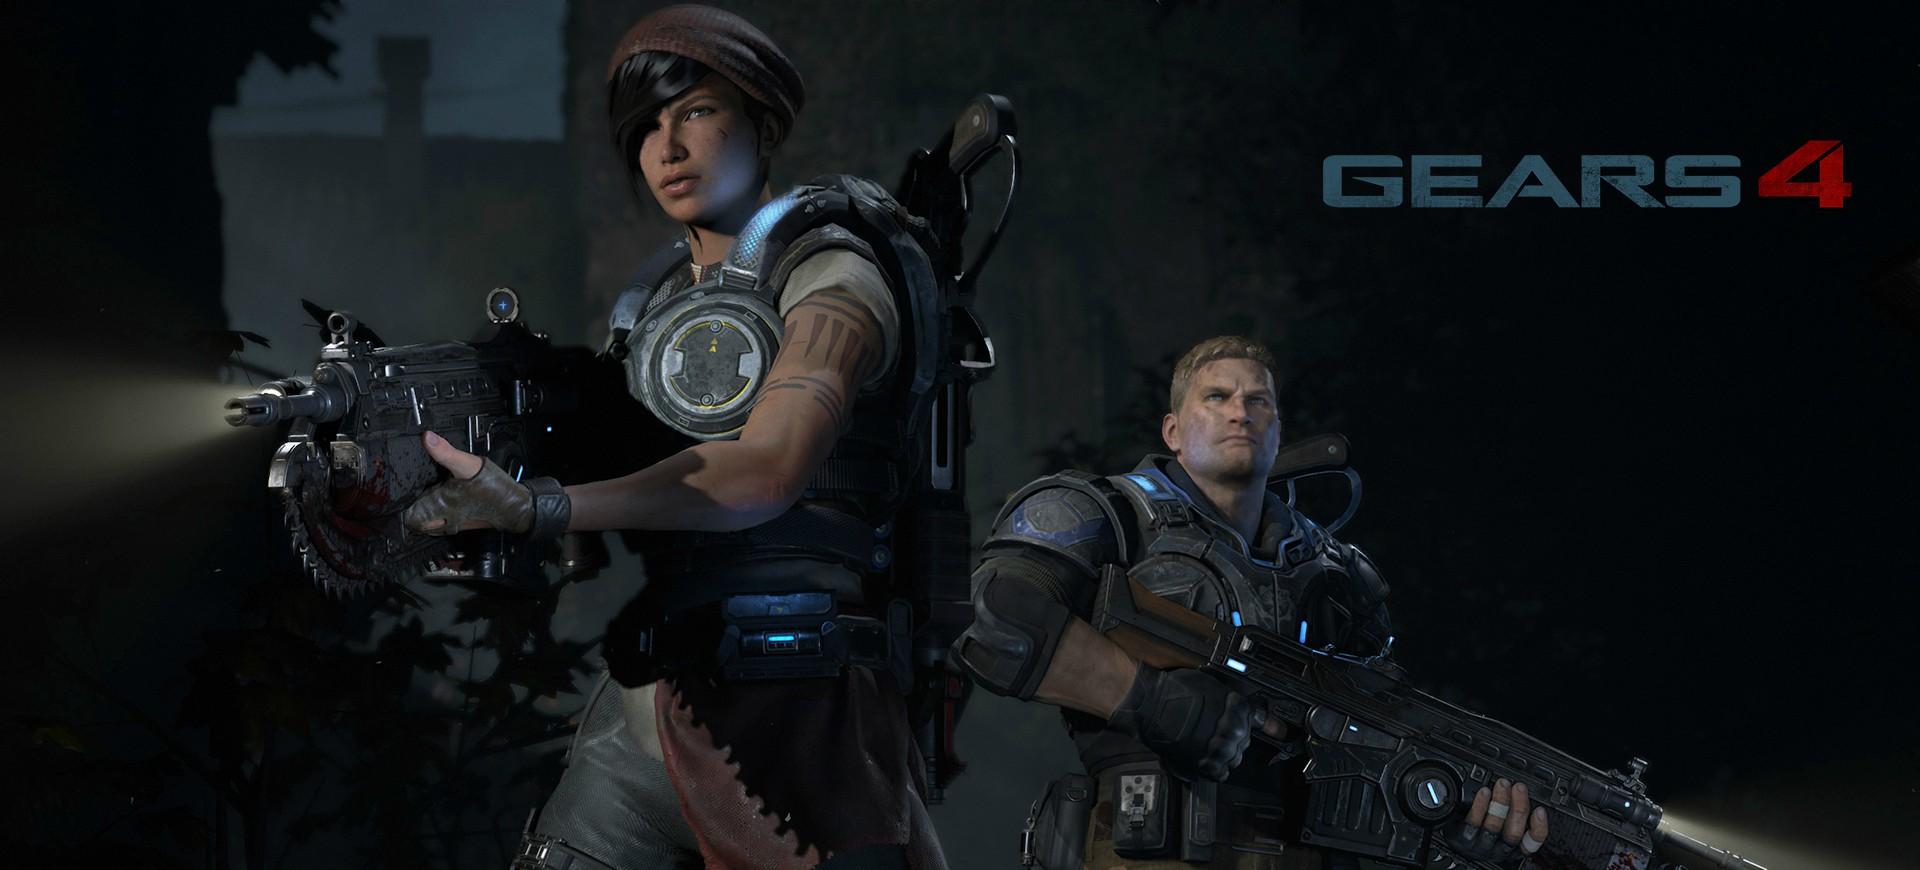 Gears of War 4 tung trailer phô diễn lối chơi đầy hấp dẫn – Tin Game